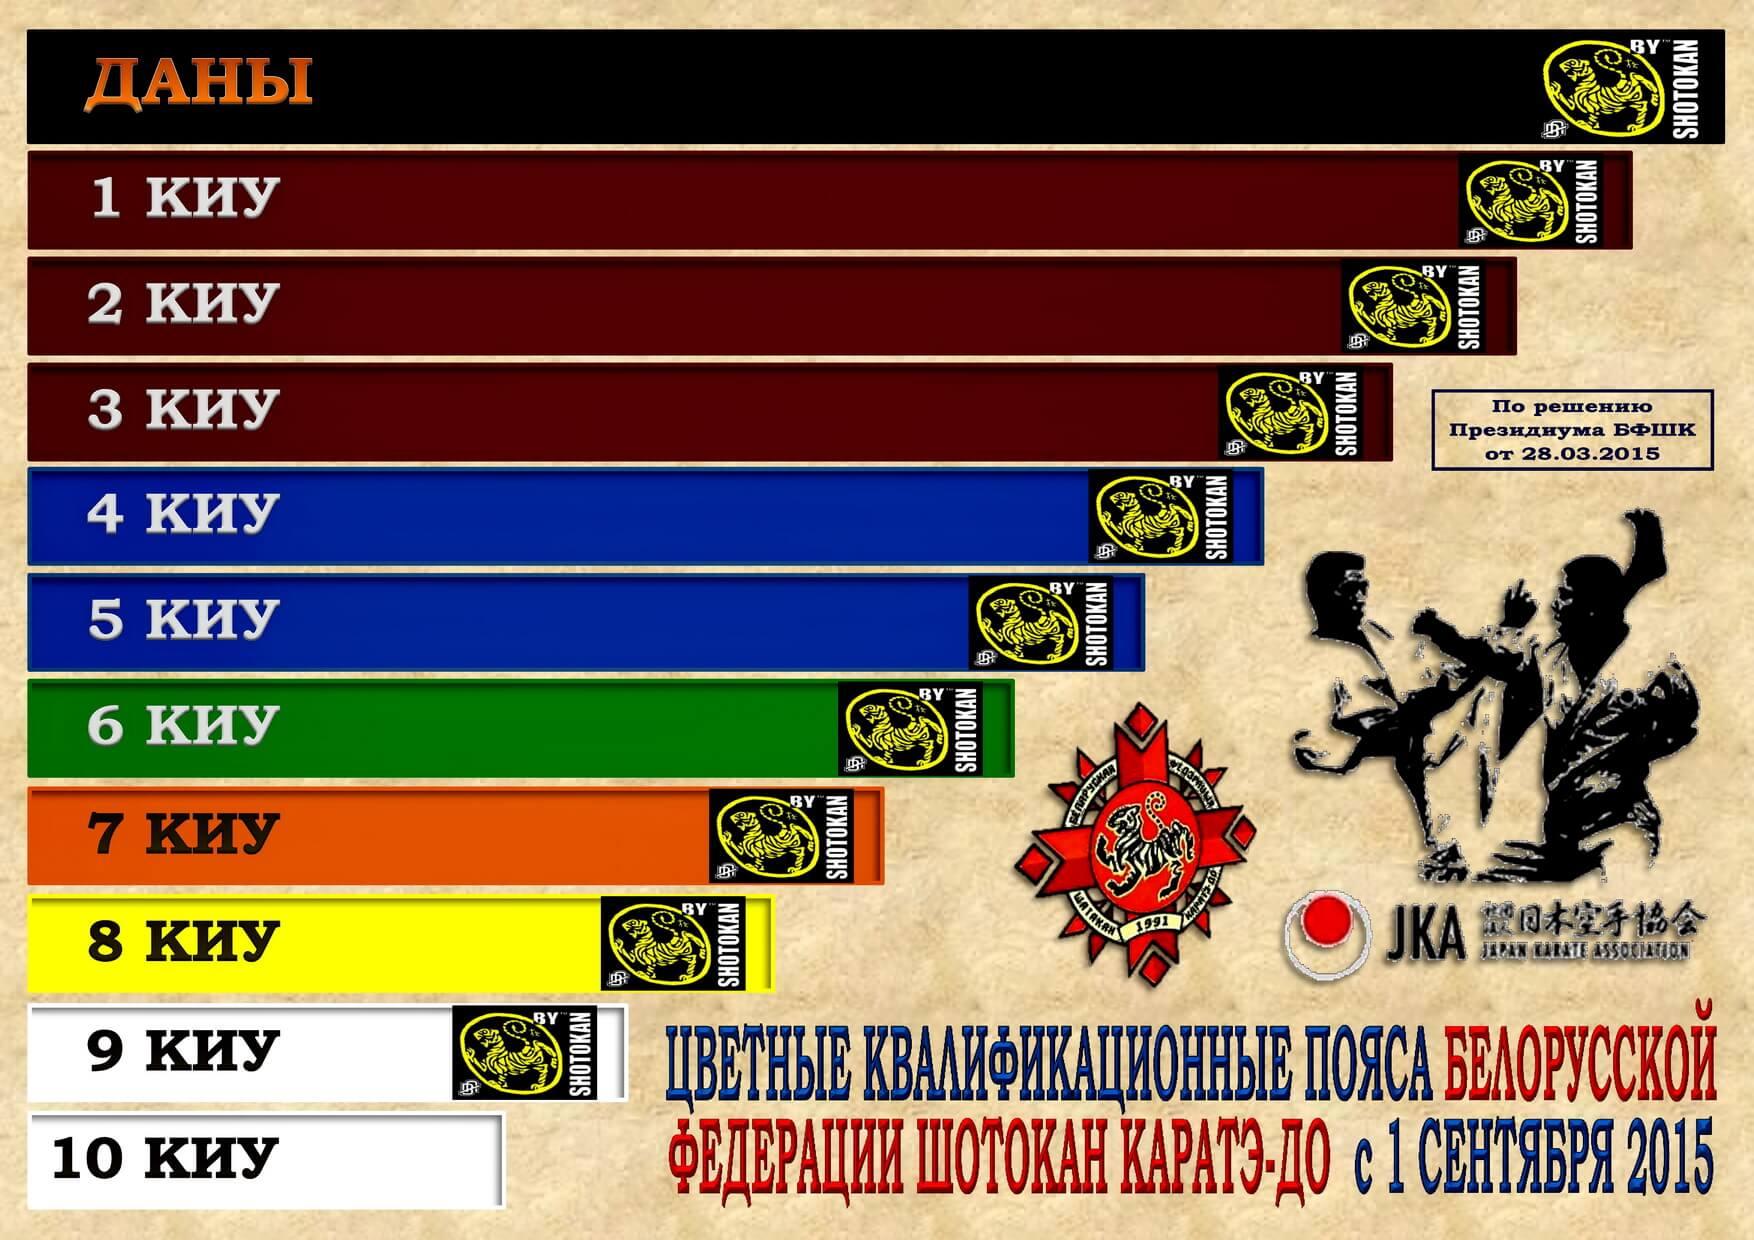 Цветные пояса БФШК с 09-2015 25п